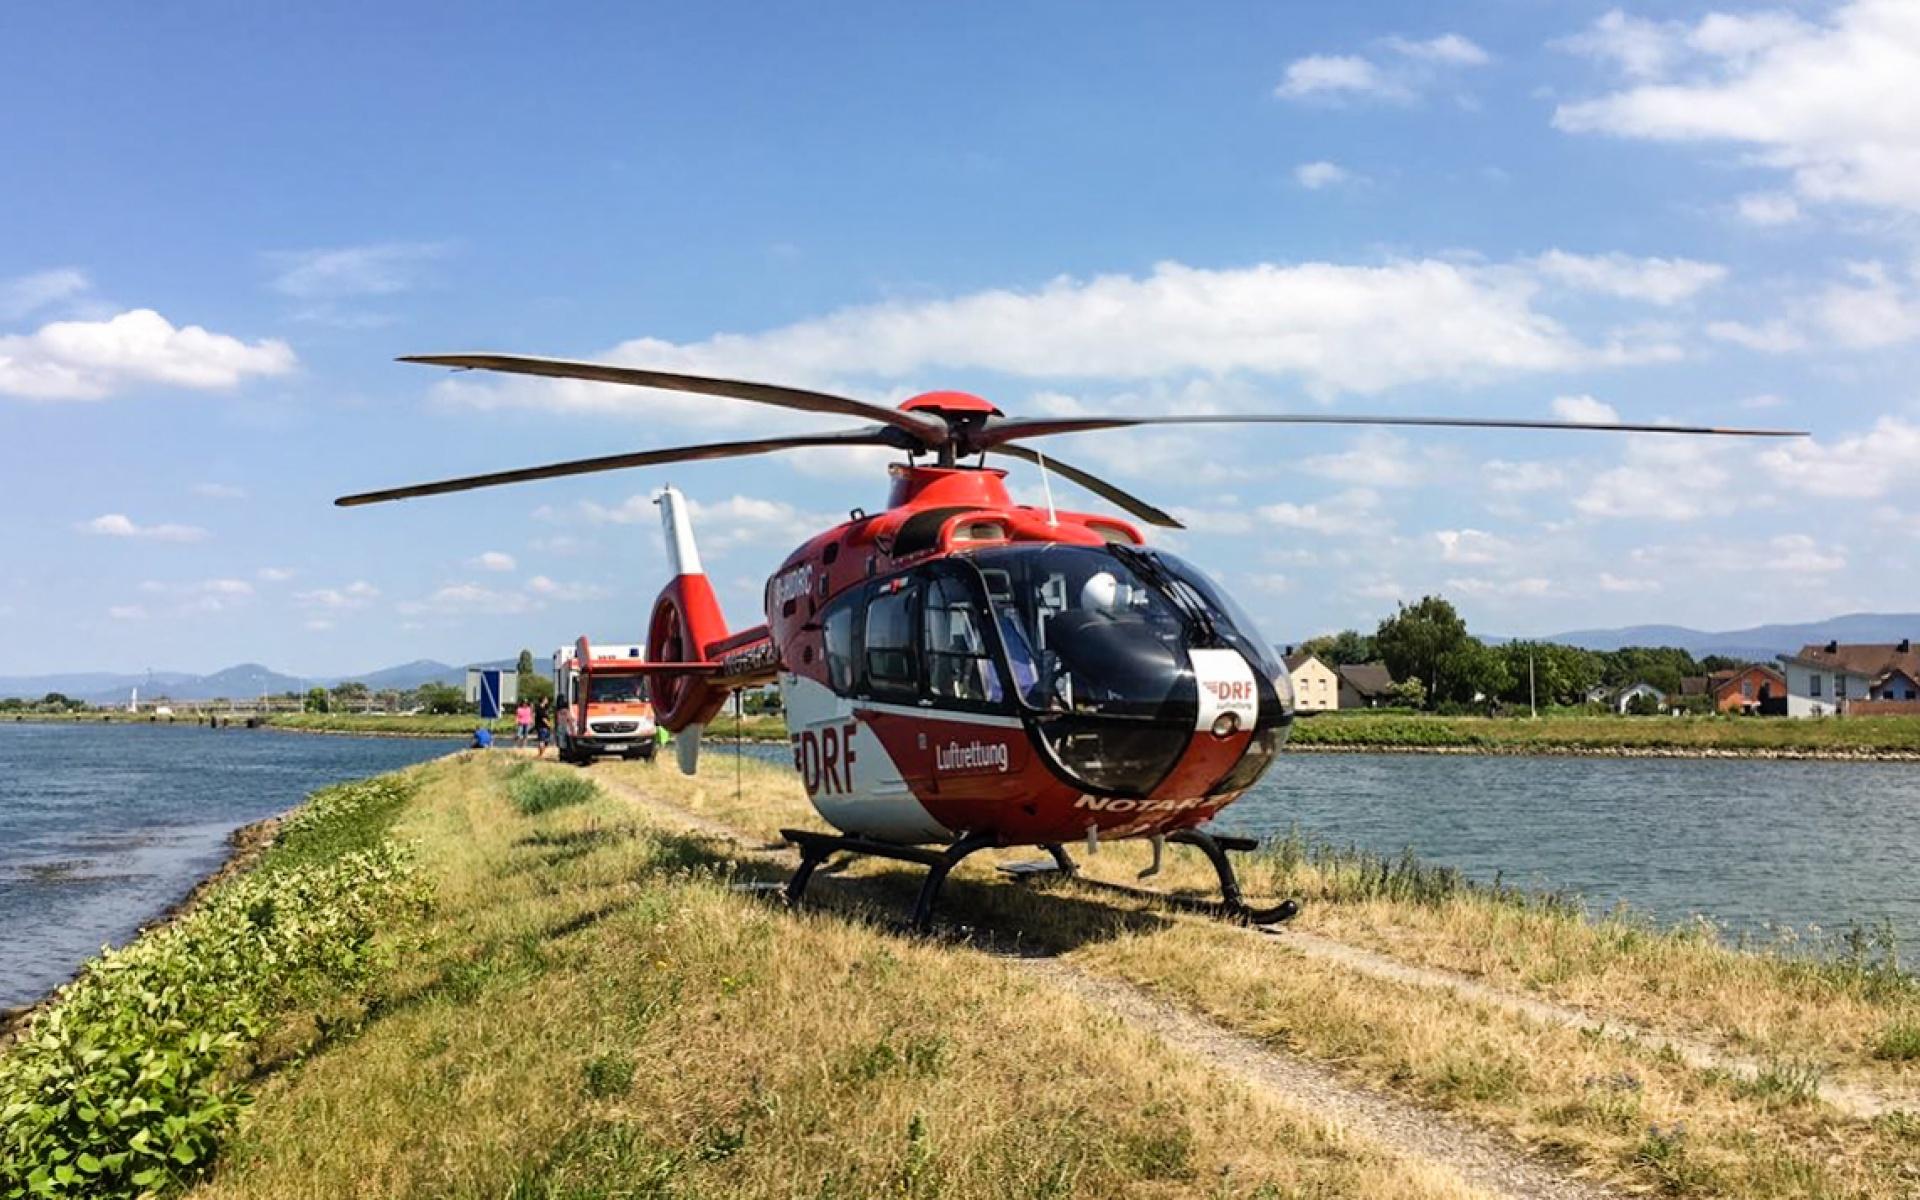 Landung direkt am Rhein, als eine verletzte Wassersportlerin schnellstmöglich und schonend in eine Spezialklinik transportiert werden muss.